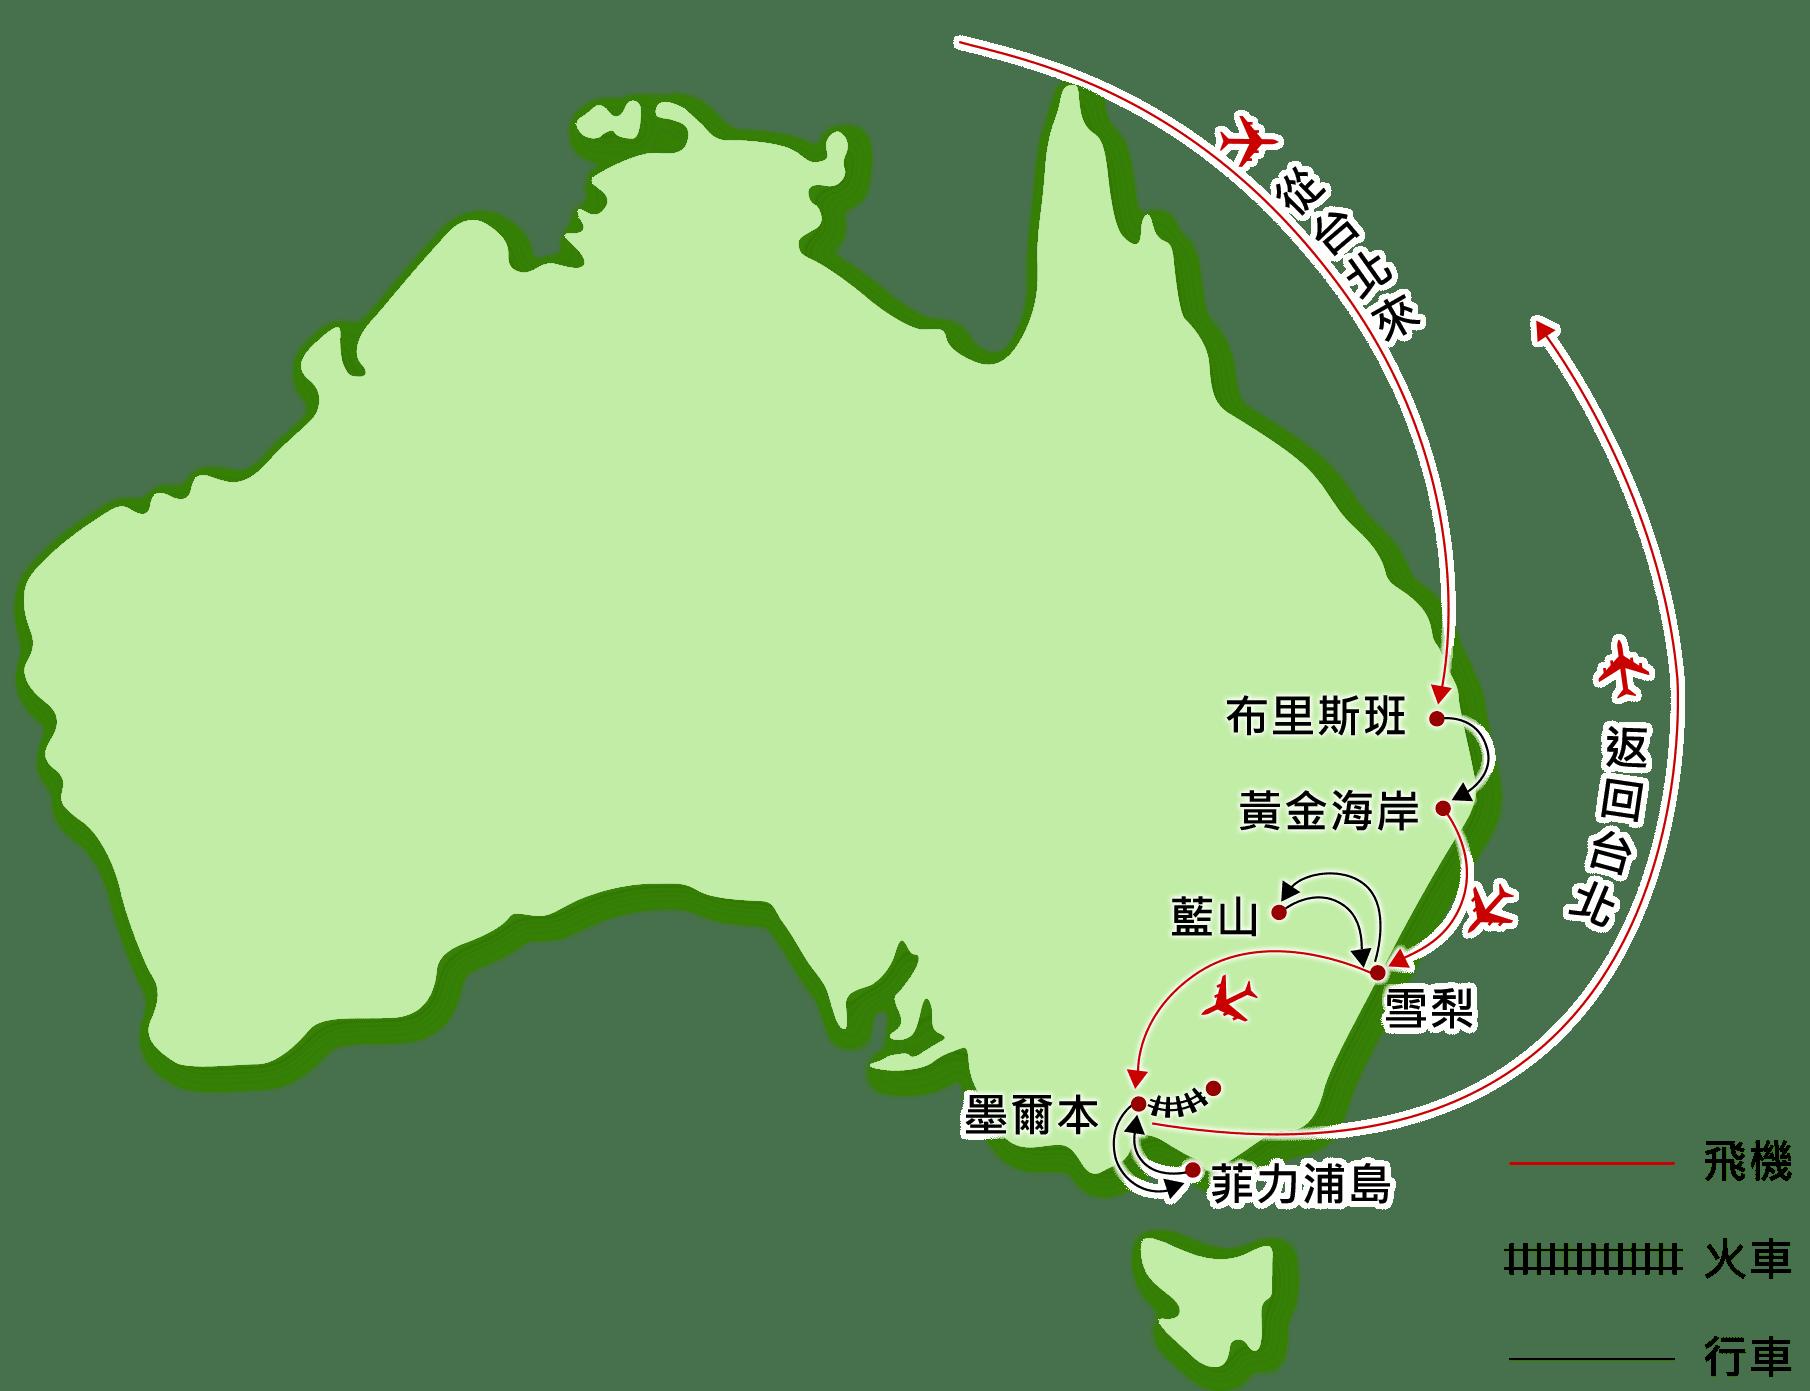 東澳全覽精華8天旅遊地圖